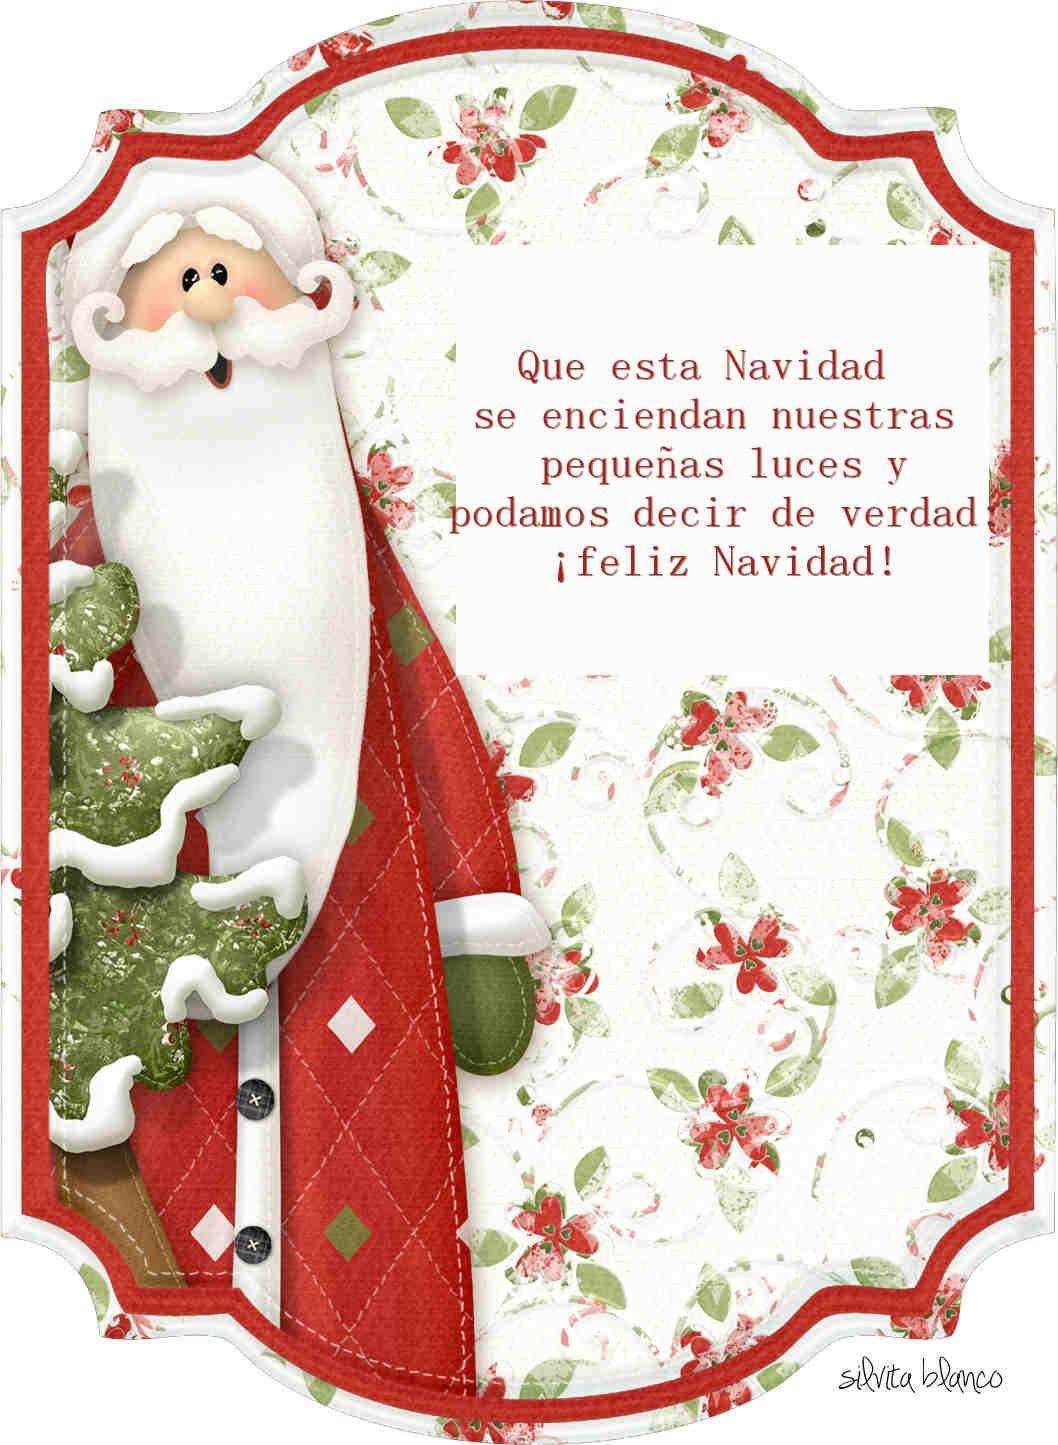 Frases Para Felicitar Las Fiestas De Navidad Y Ano Nuevo.Frases De Navidad Y Ano Nuevo Para Compartir Tarjetas